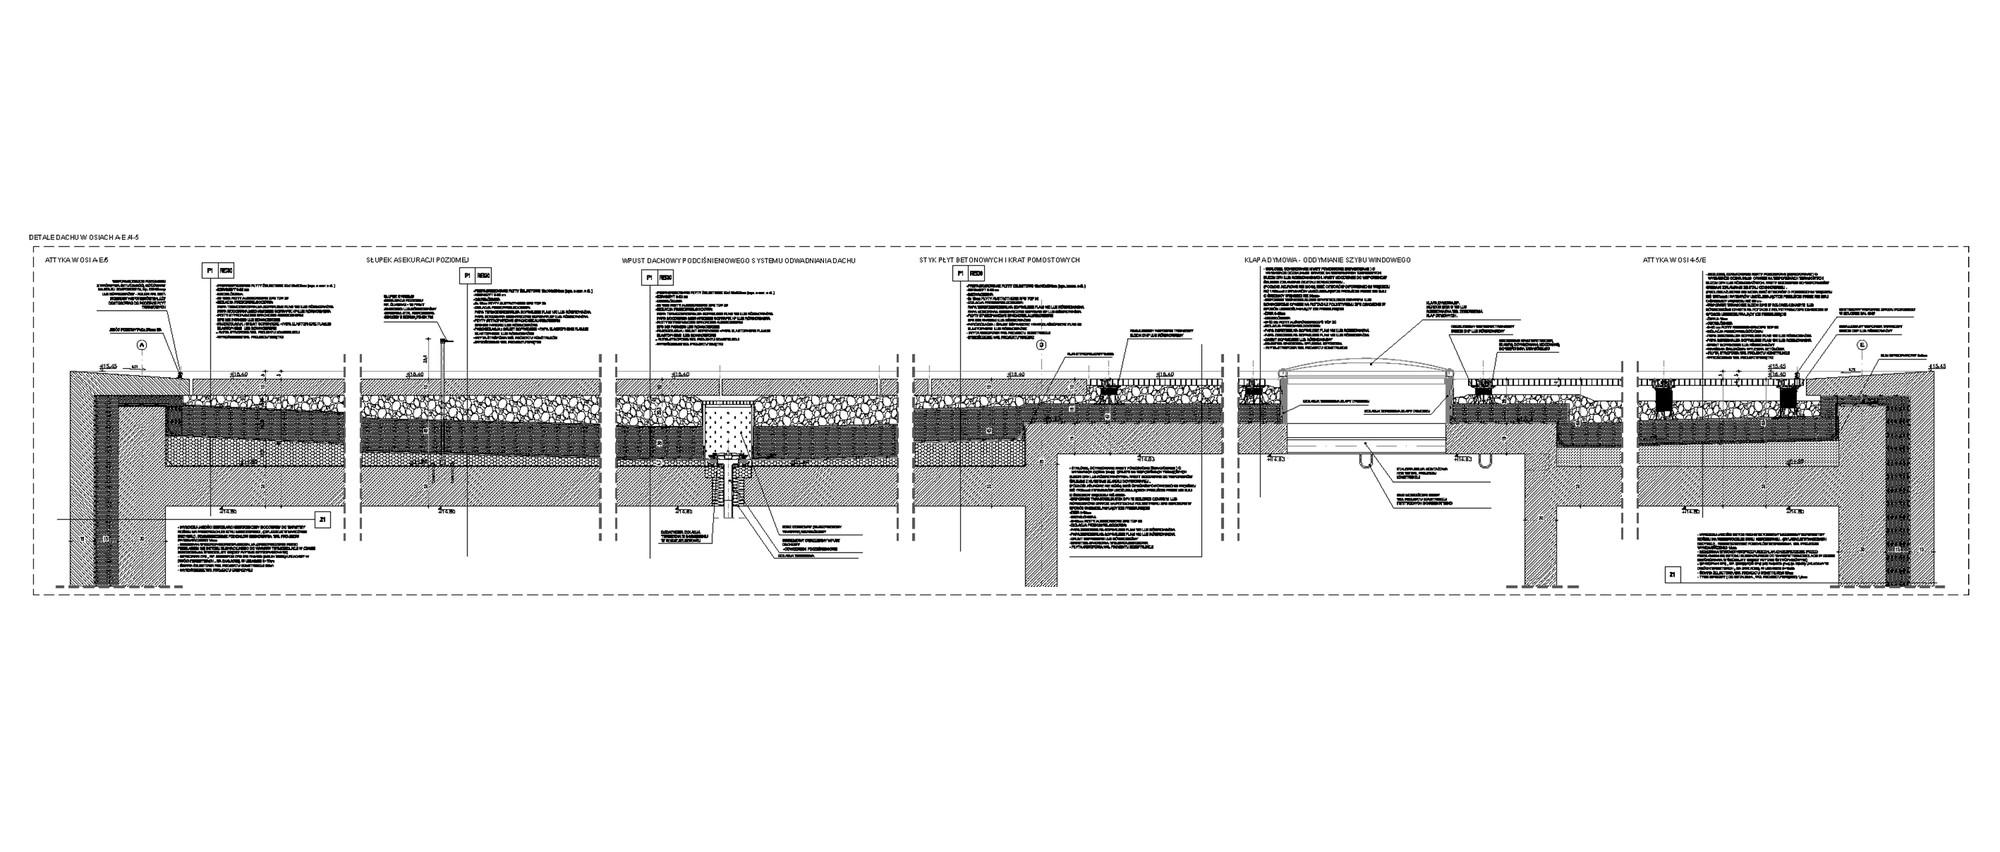 Galer a de ichot puerta de poznan ad artis architects 48 for Ad architects